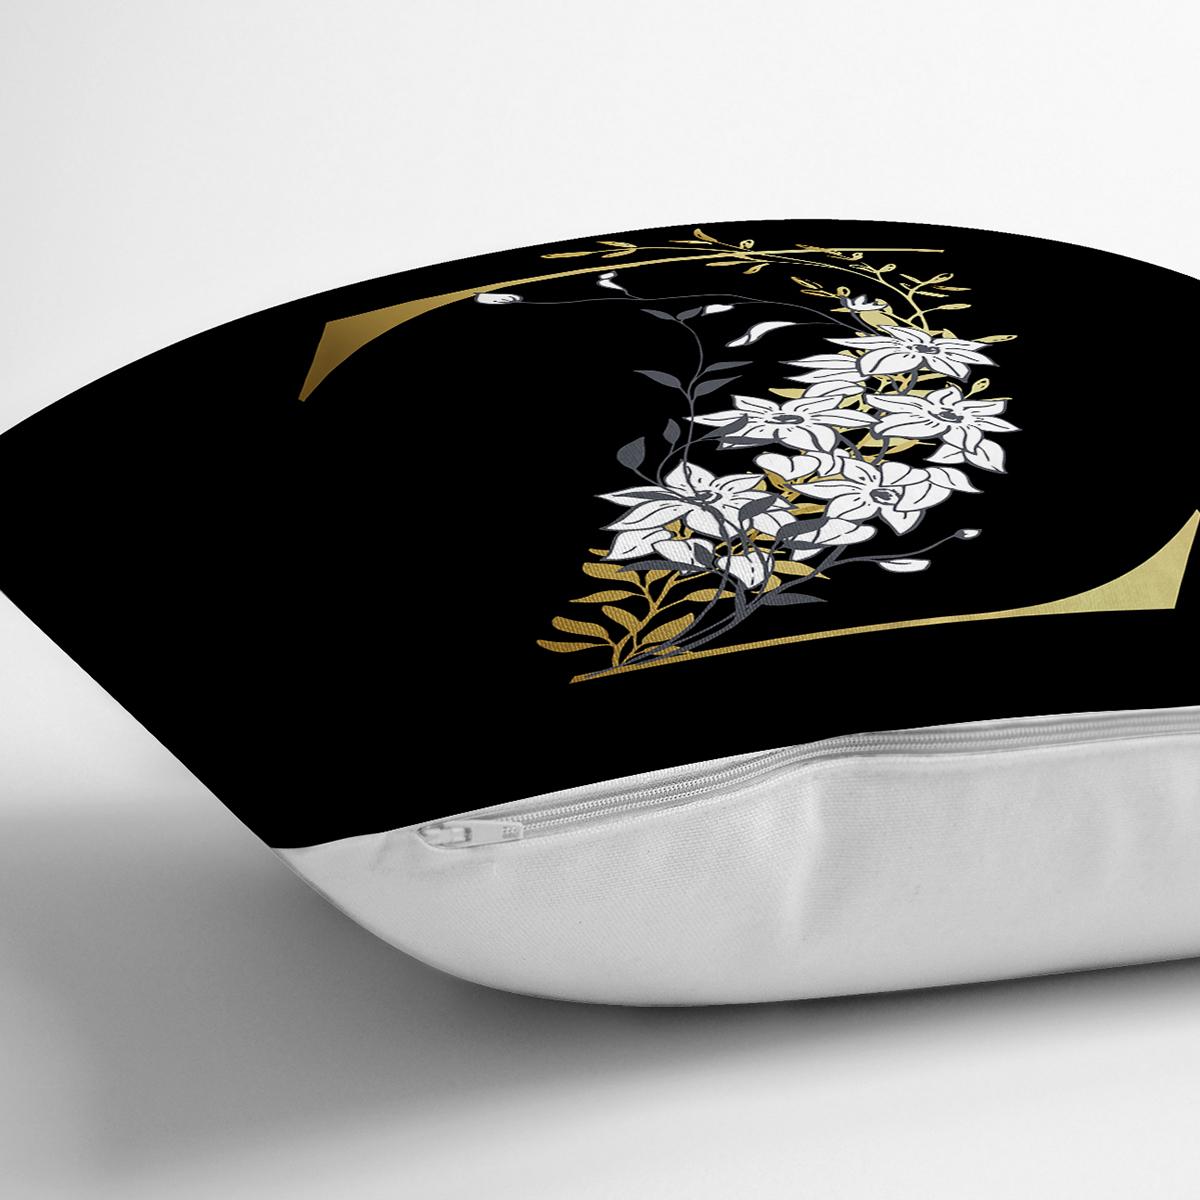 Siyah Zemin Beyaz Gül Motifli Gold Z Harfi Özel Tasarım Dijital Baskılı Yastık Kırlent Kılıfı Realhomes